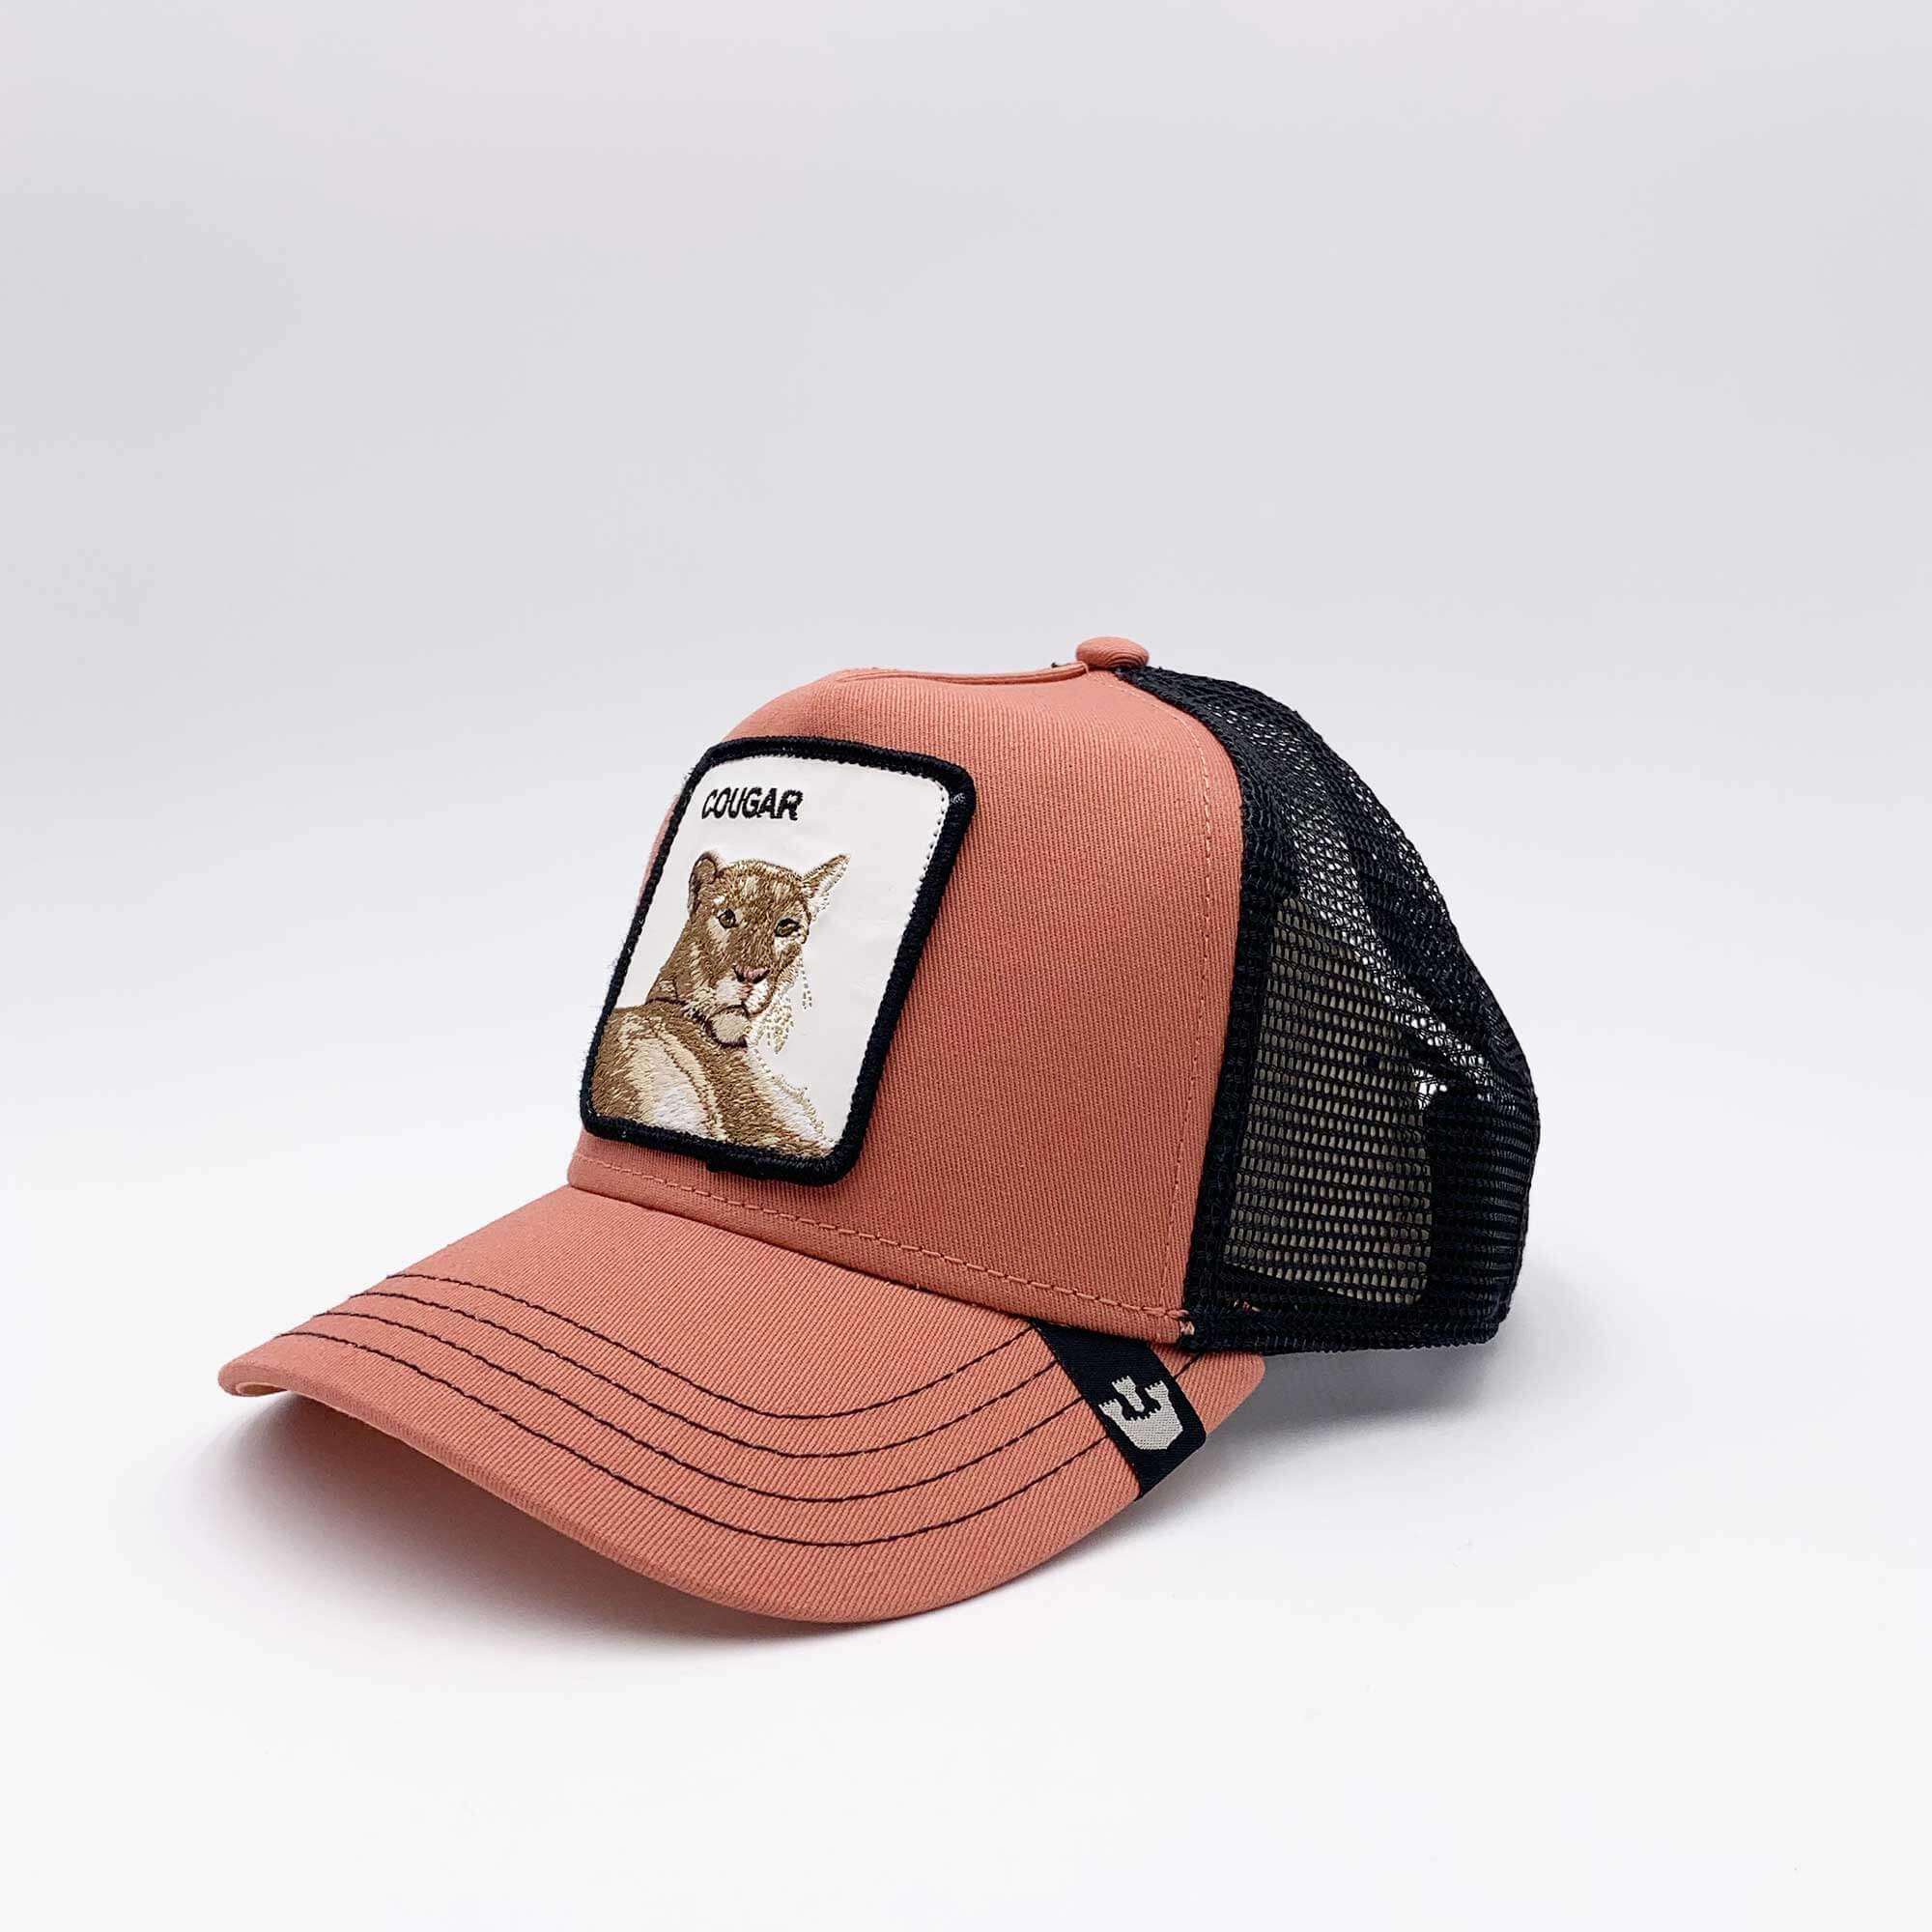 Cappello baseball cougar - Corallo